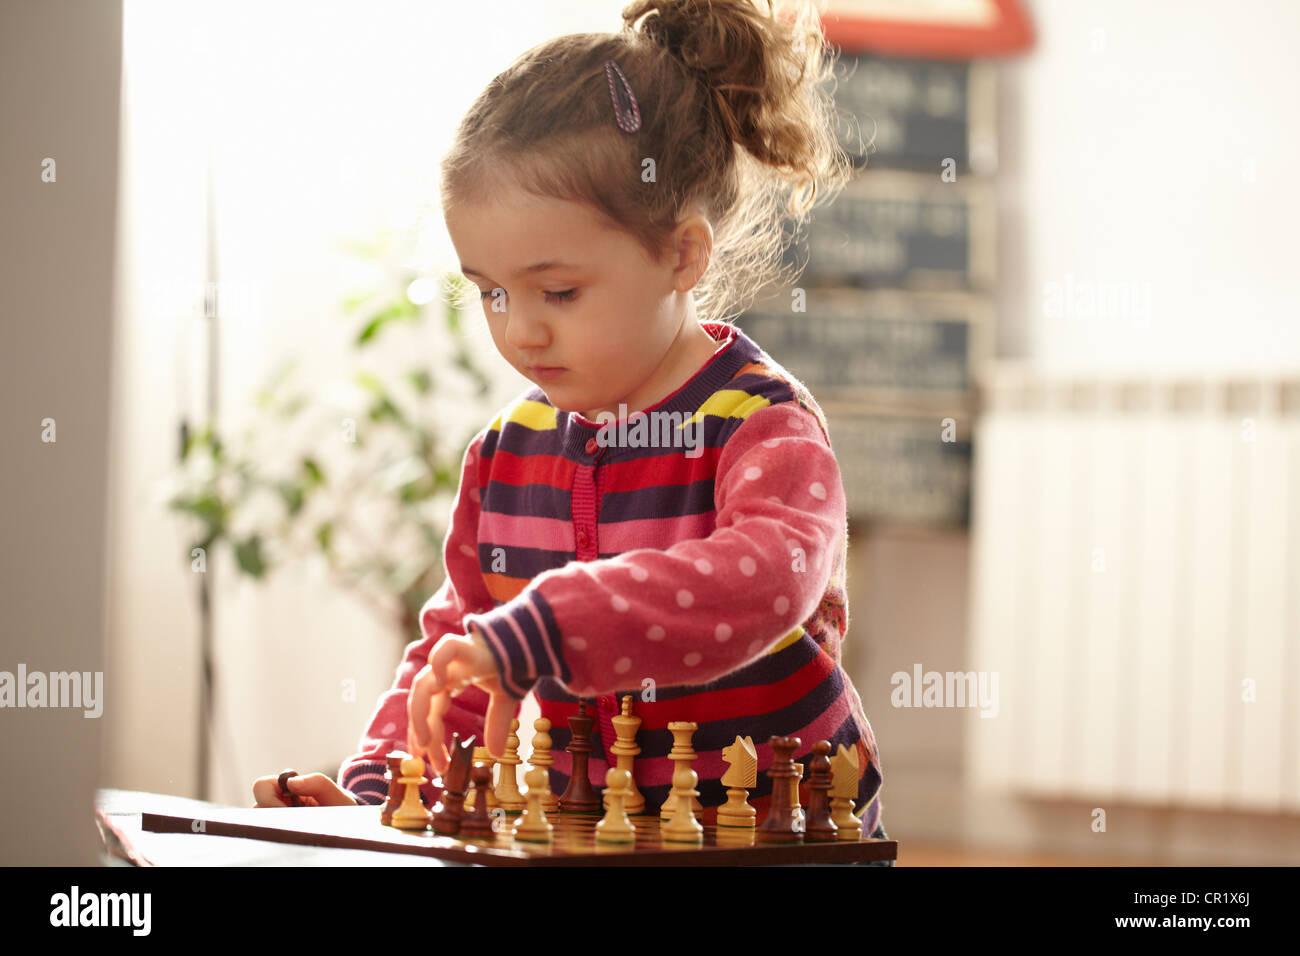 Chica jugando ajedrez en interiores Imagen De Stock